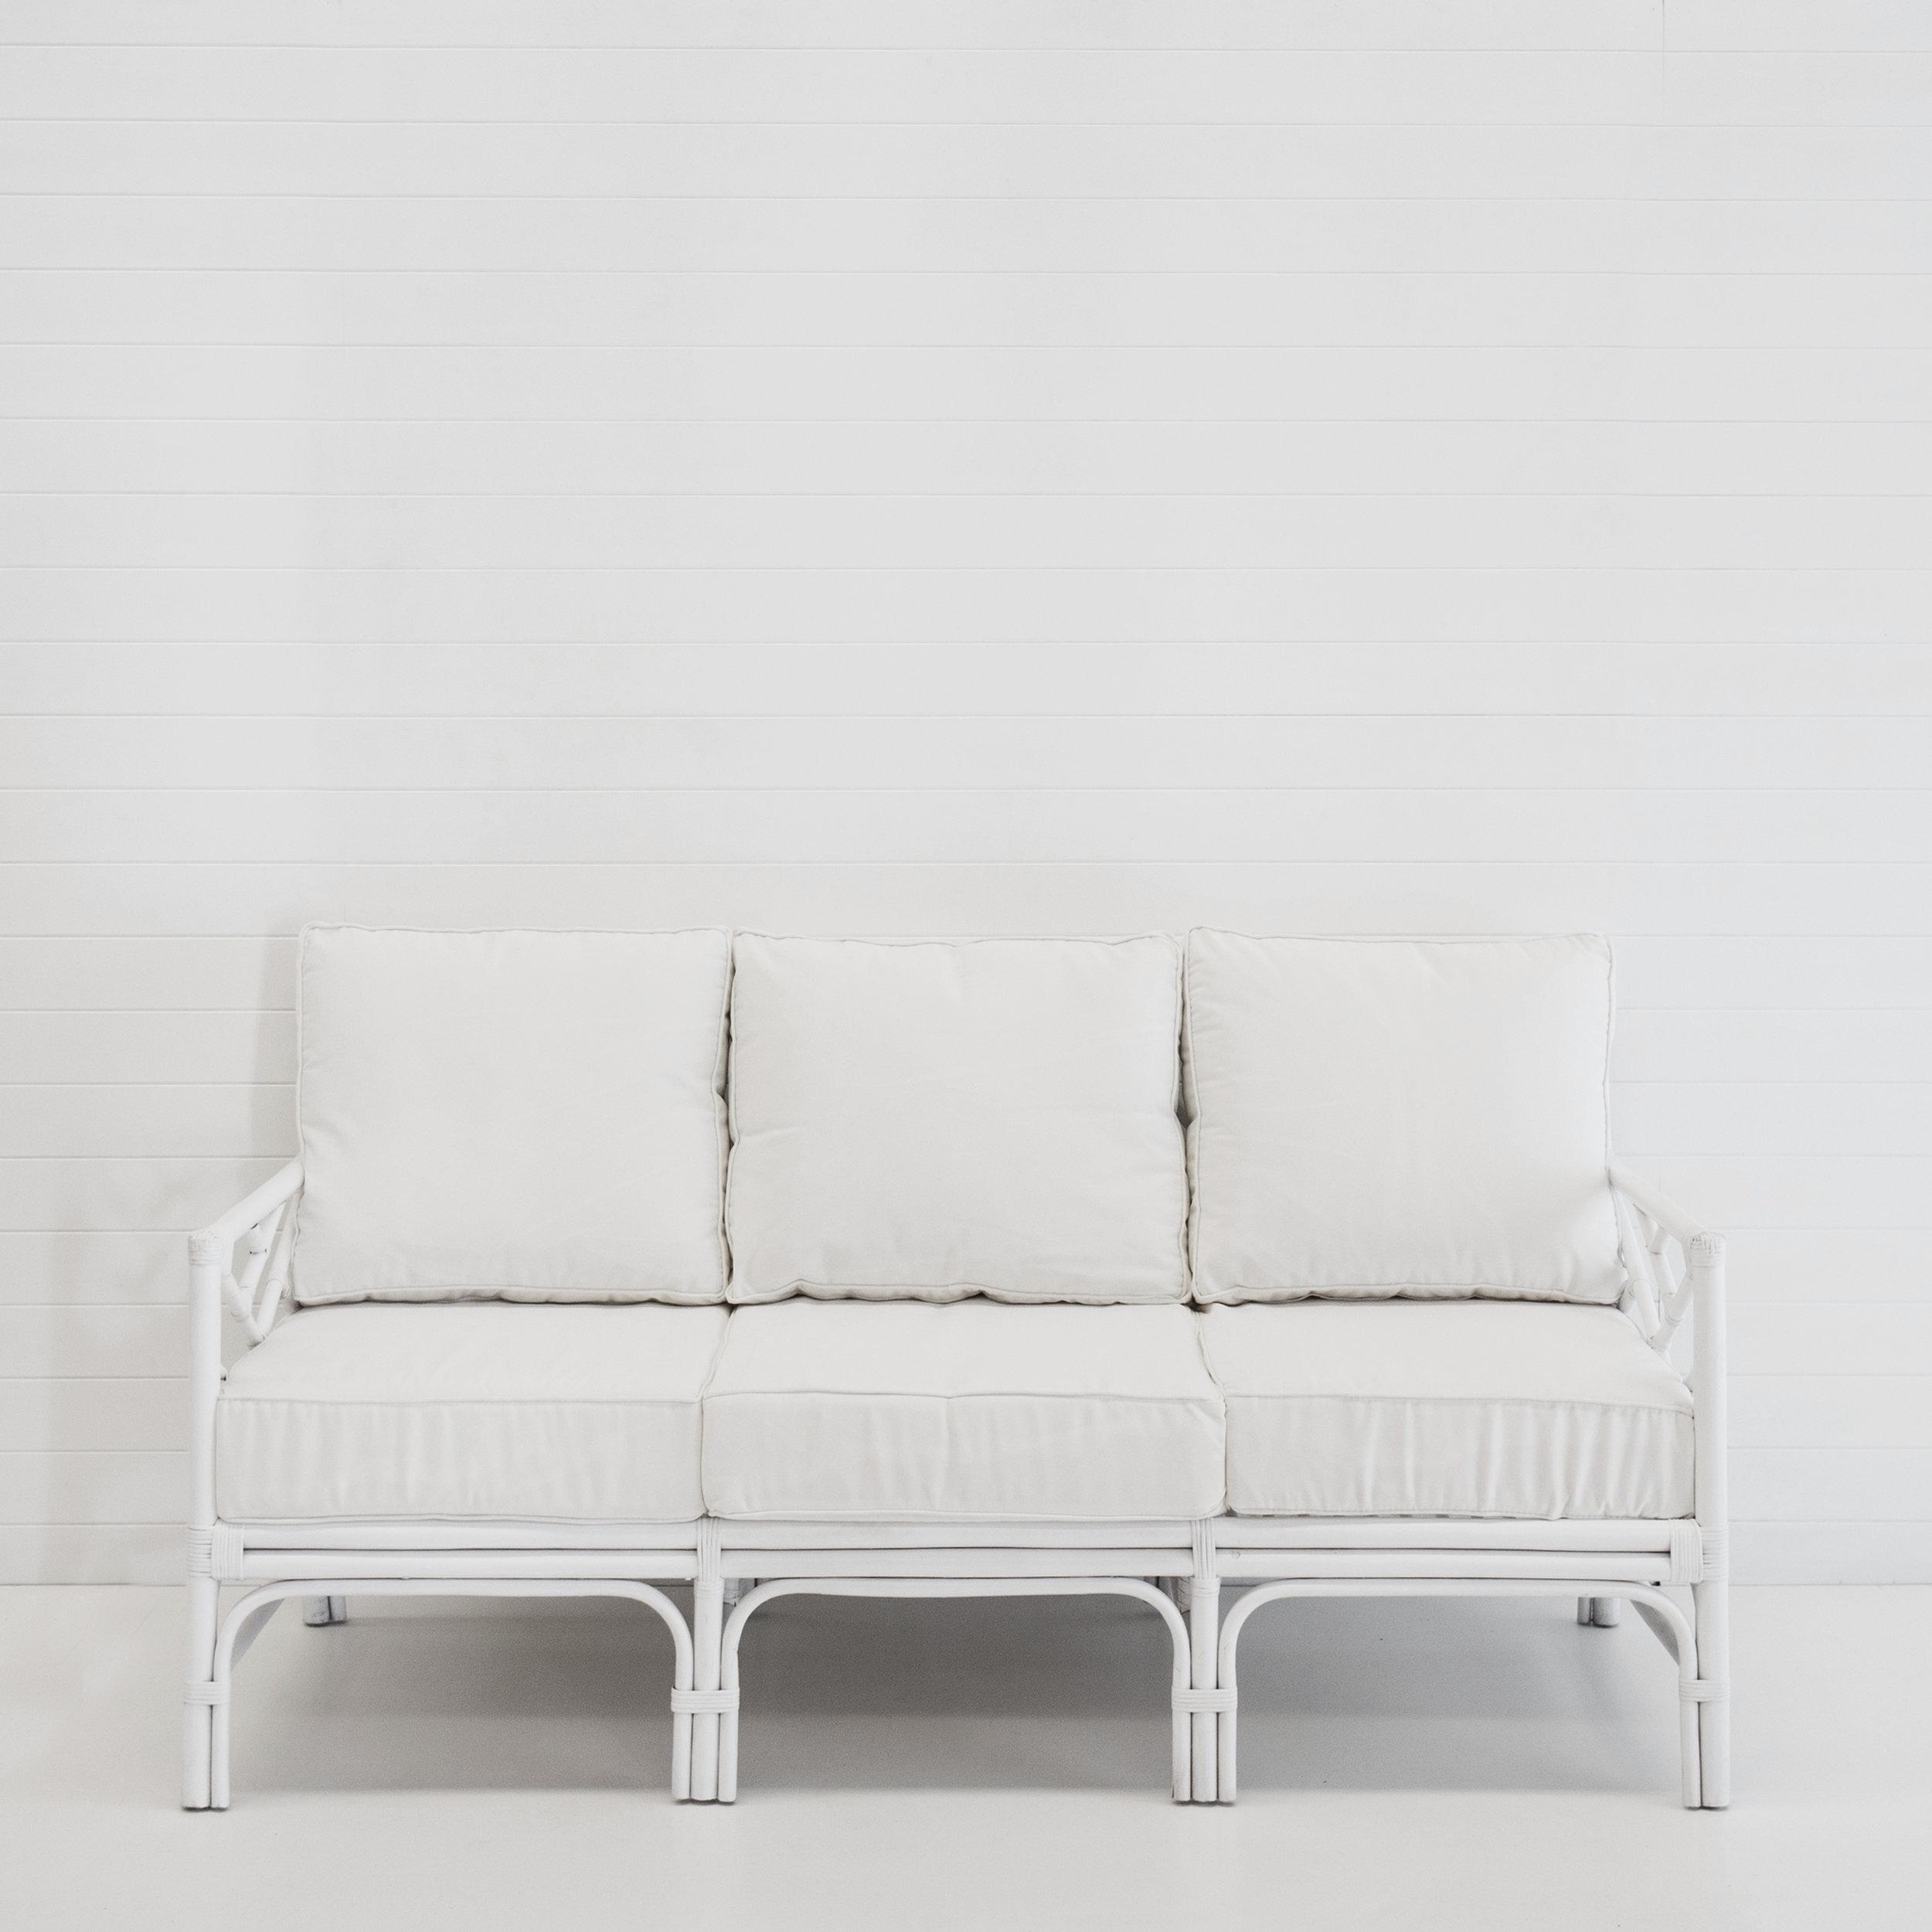 HAMPTONS WHITE 3-SEATER SOFA (WITH WHITE CUSHIONS)